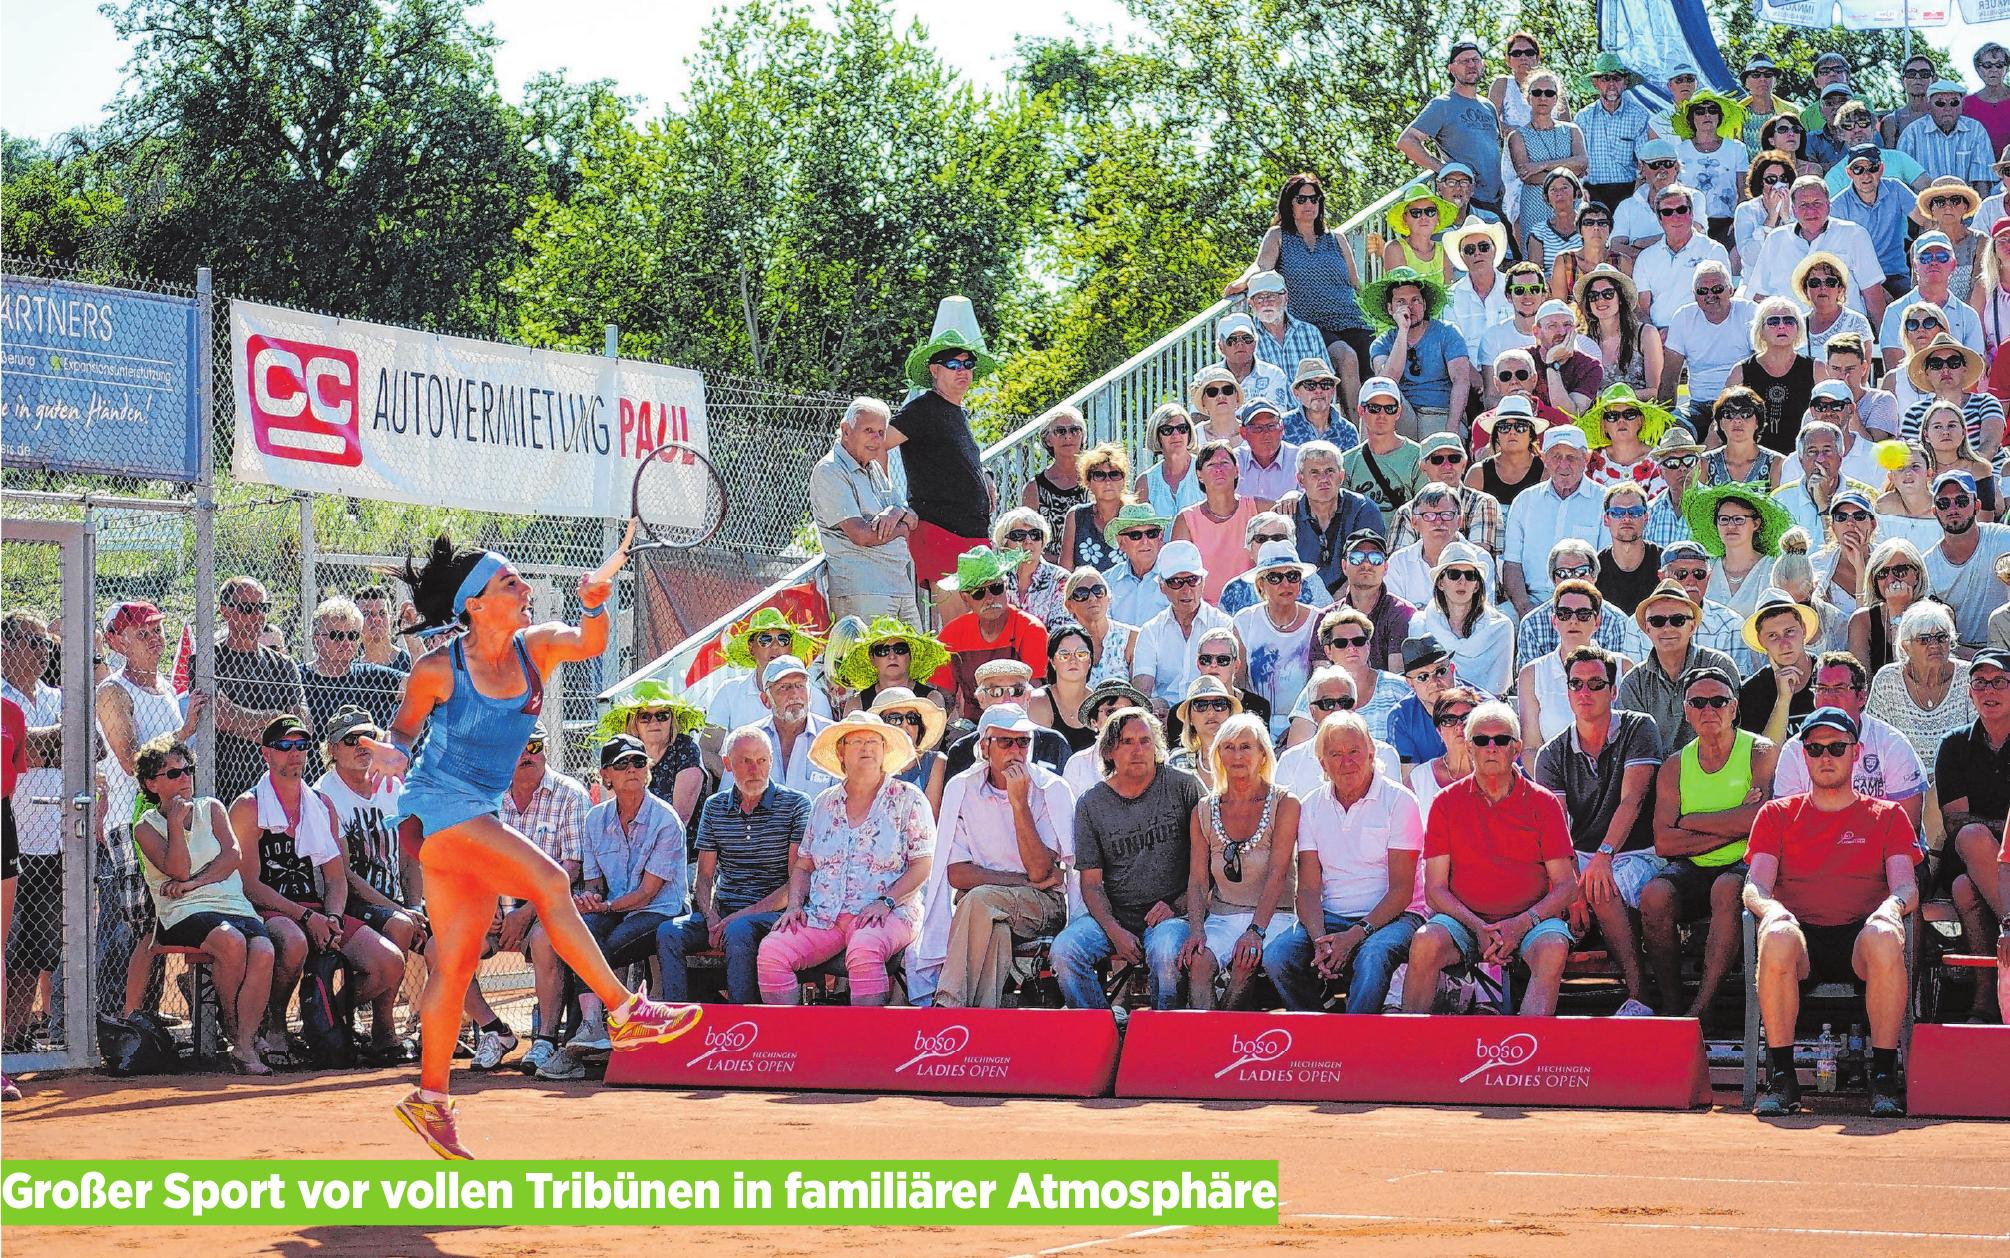 Weltklasse-Tennisspielerinnen aus nächster Nähe erleben – das kann man seit 1998 jeden Sommer im Hechinger Weiher. Die boso Ladies Open des TC Hechingen sind Jahr für Jahr gewachsen. Seine familiäre Atmosphäre, die von Spielerinnen und Fans gleichermaßen geschätzt wird, hat das Damen-Weltranglistenturnier aber nie verloren. Und dank eines unterhaltsamen Rahmenprogramms ist Hechingens größtes Sportevent immer auch ein gesellschaftliches Ereignis. Foto: Hardy Kromer